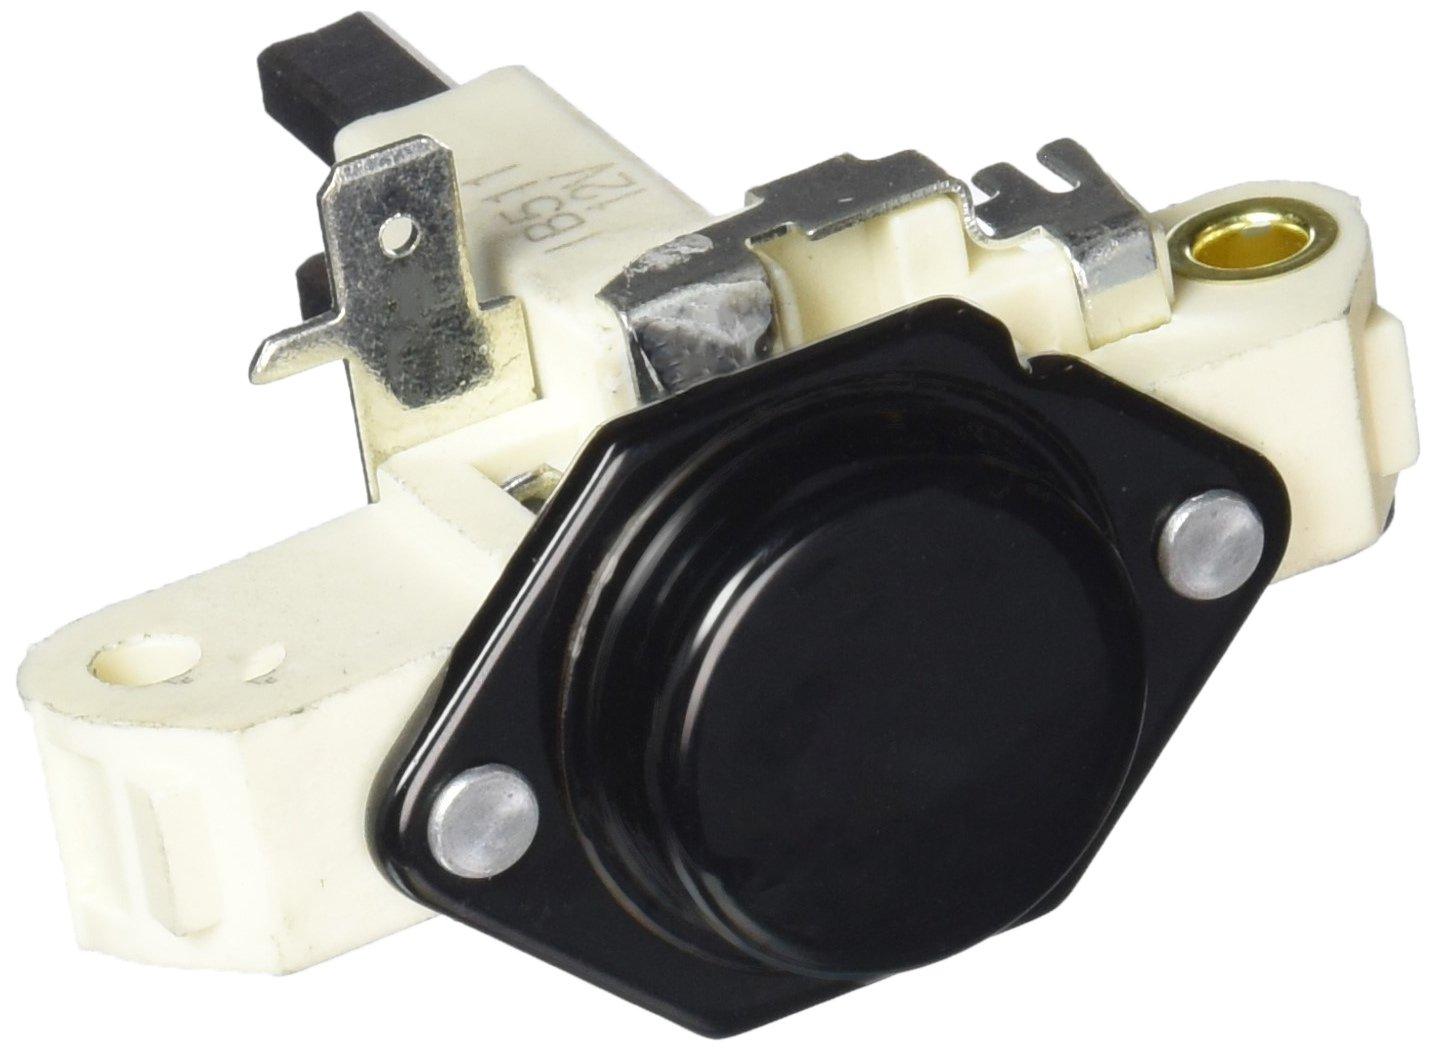 Aspl ARE0039 Alternadores para Automó vil Auto Starter